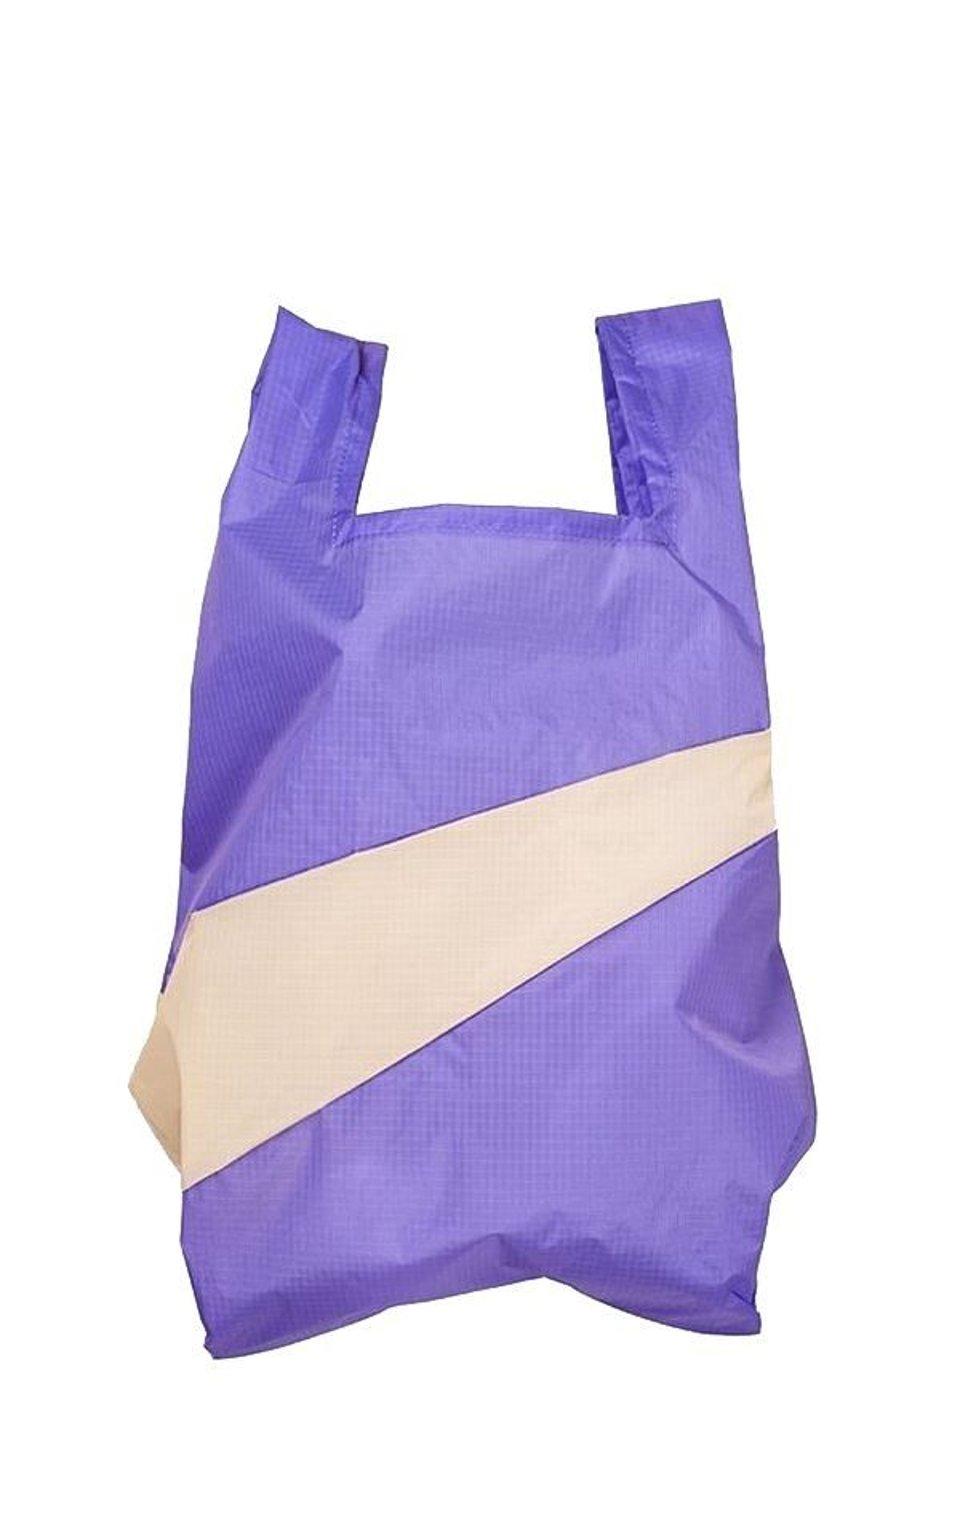 Shopping Bag #1